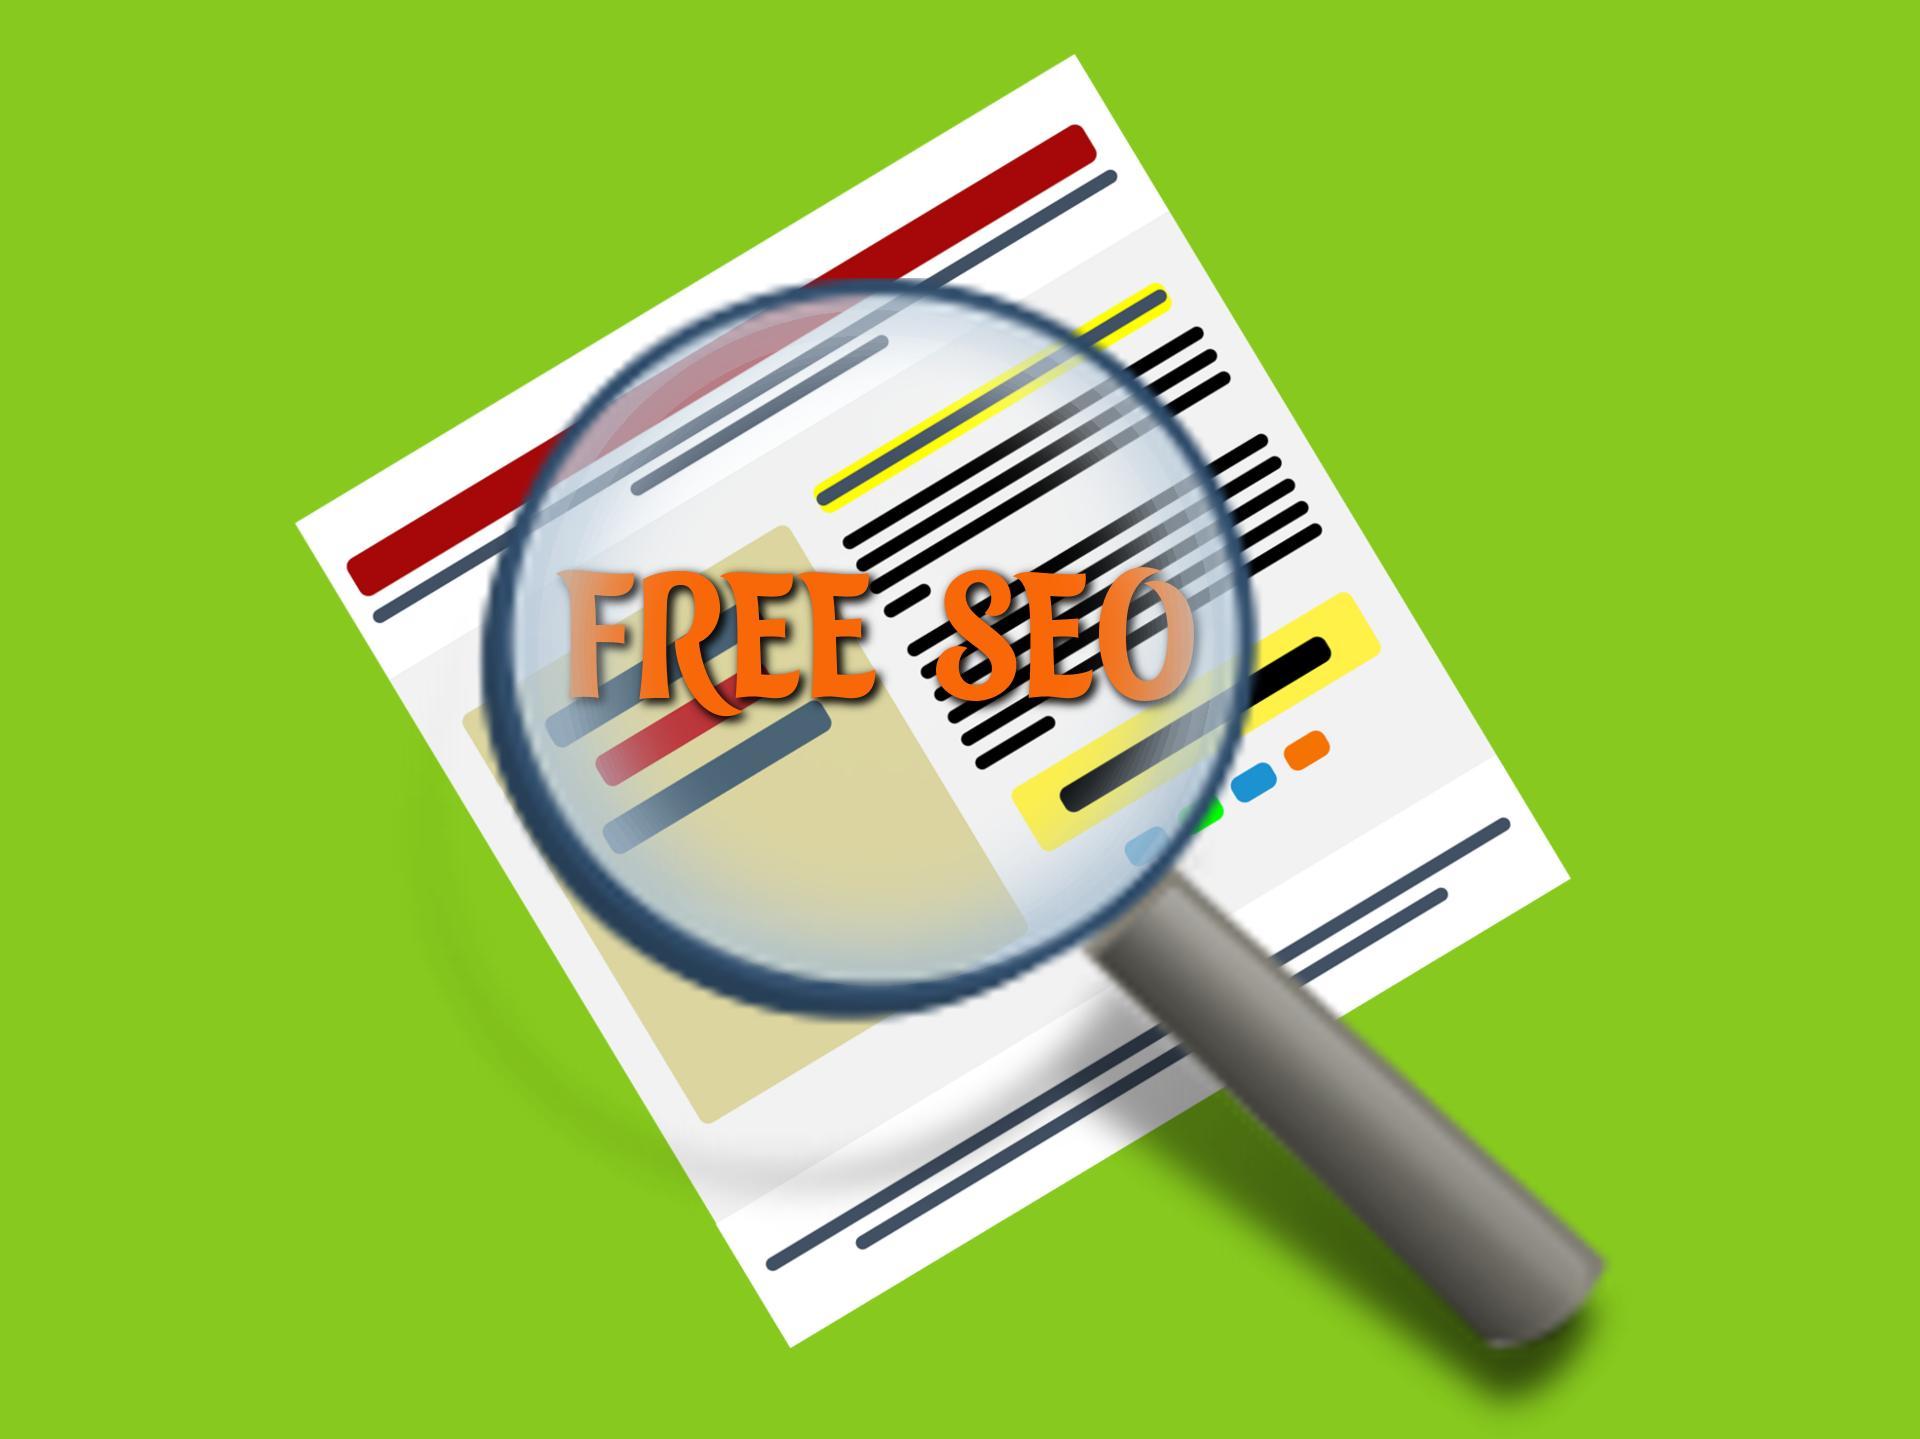 Бесплатное продвижение сайта поисковиках создание сайтов для скачивания программ